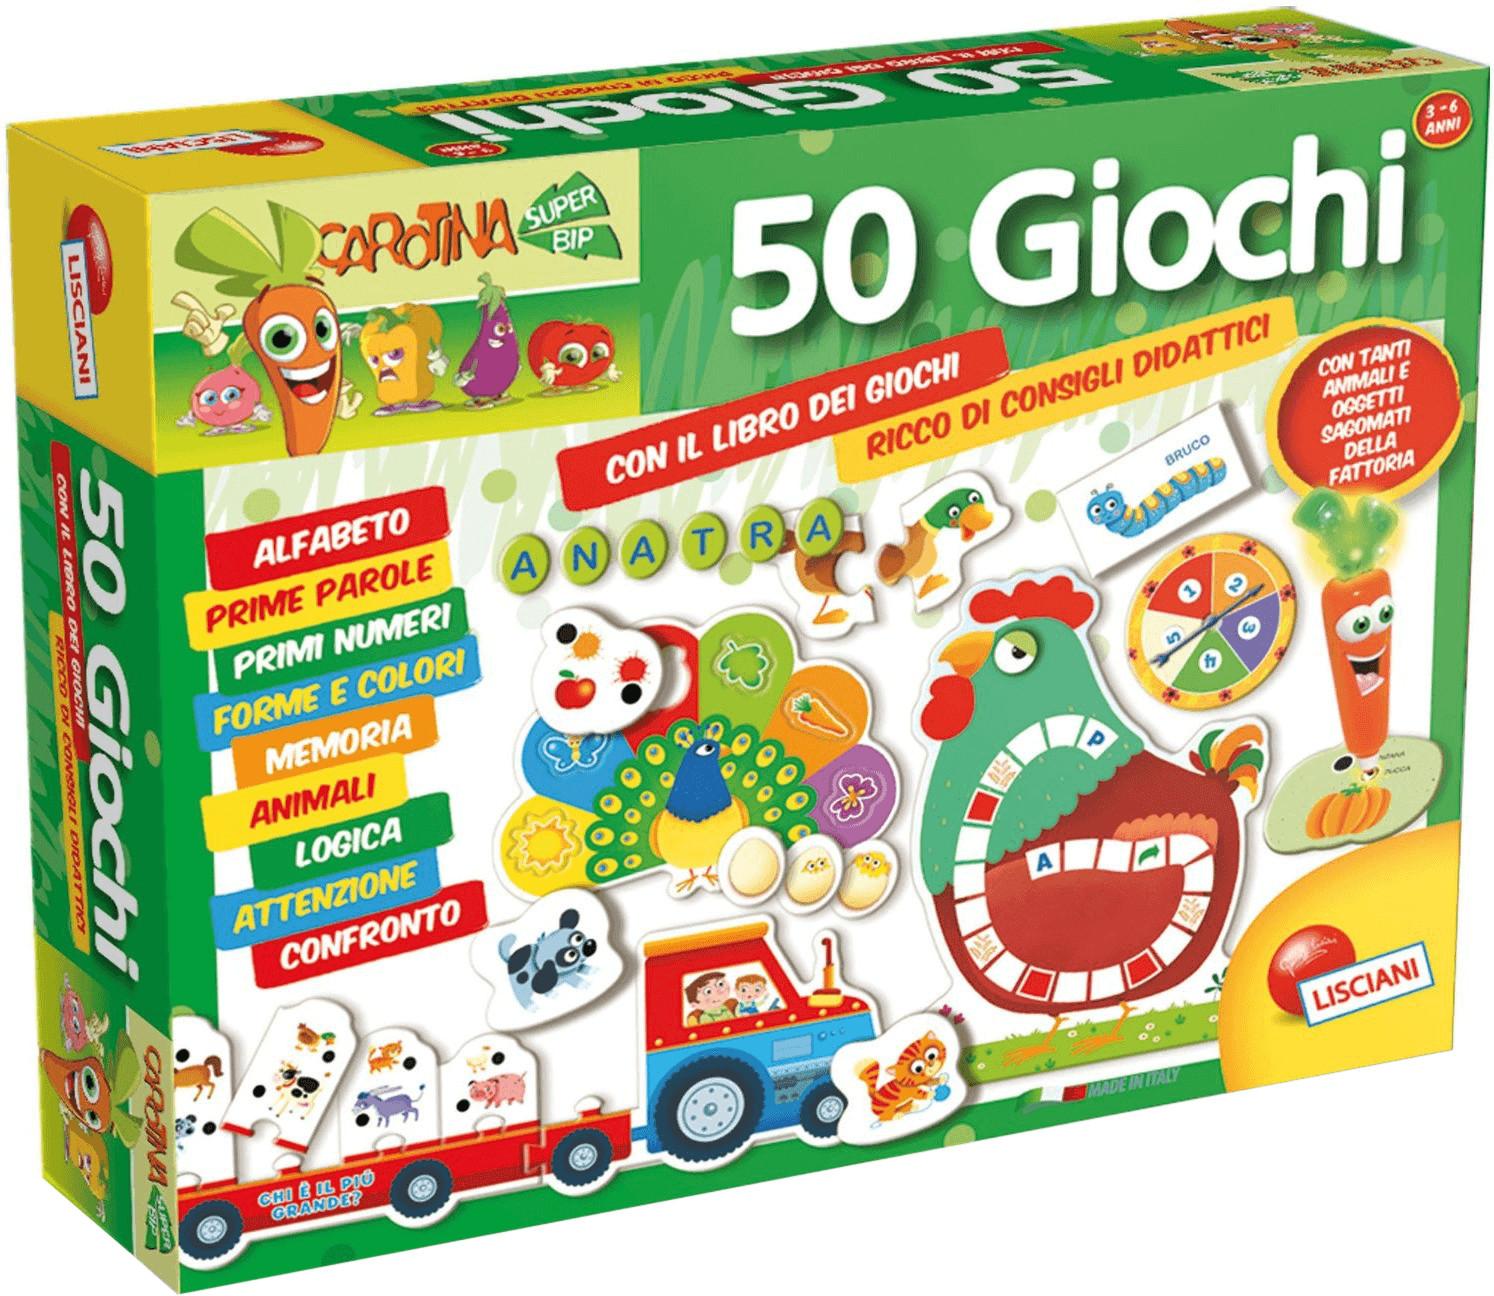 Lisciani Carotina 50 giochi